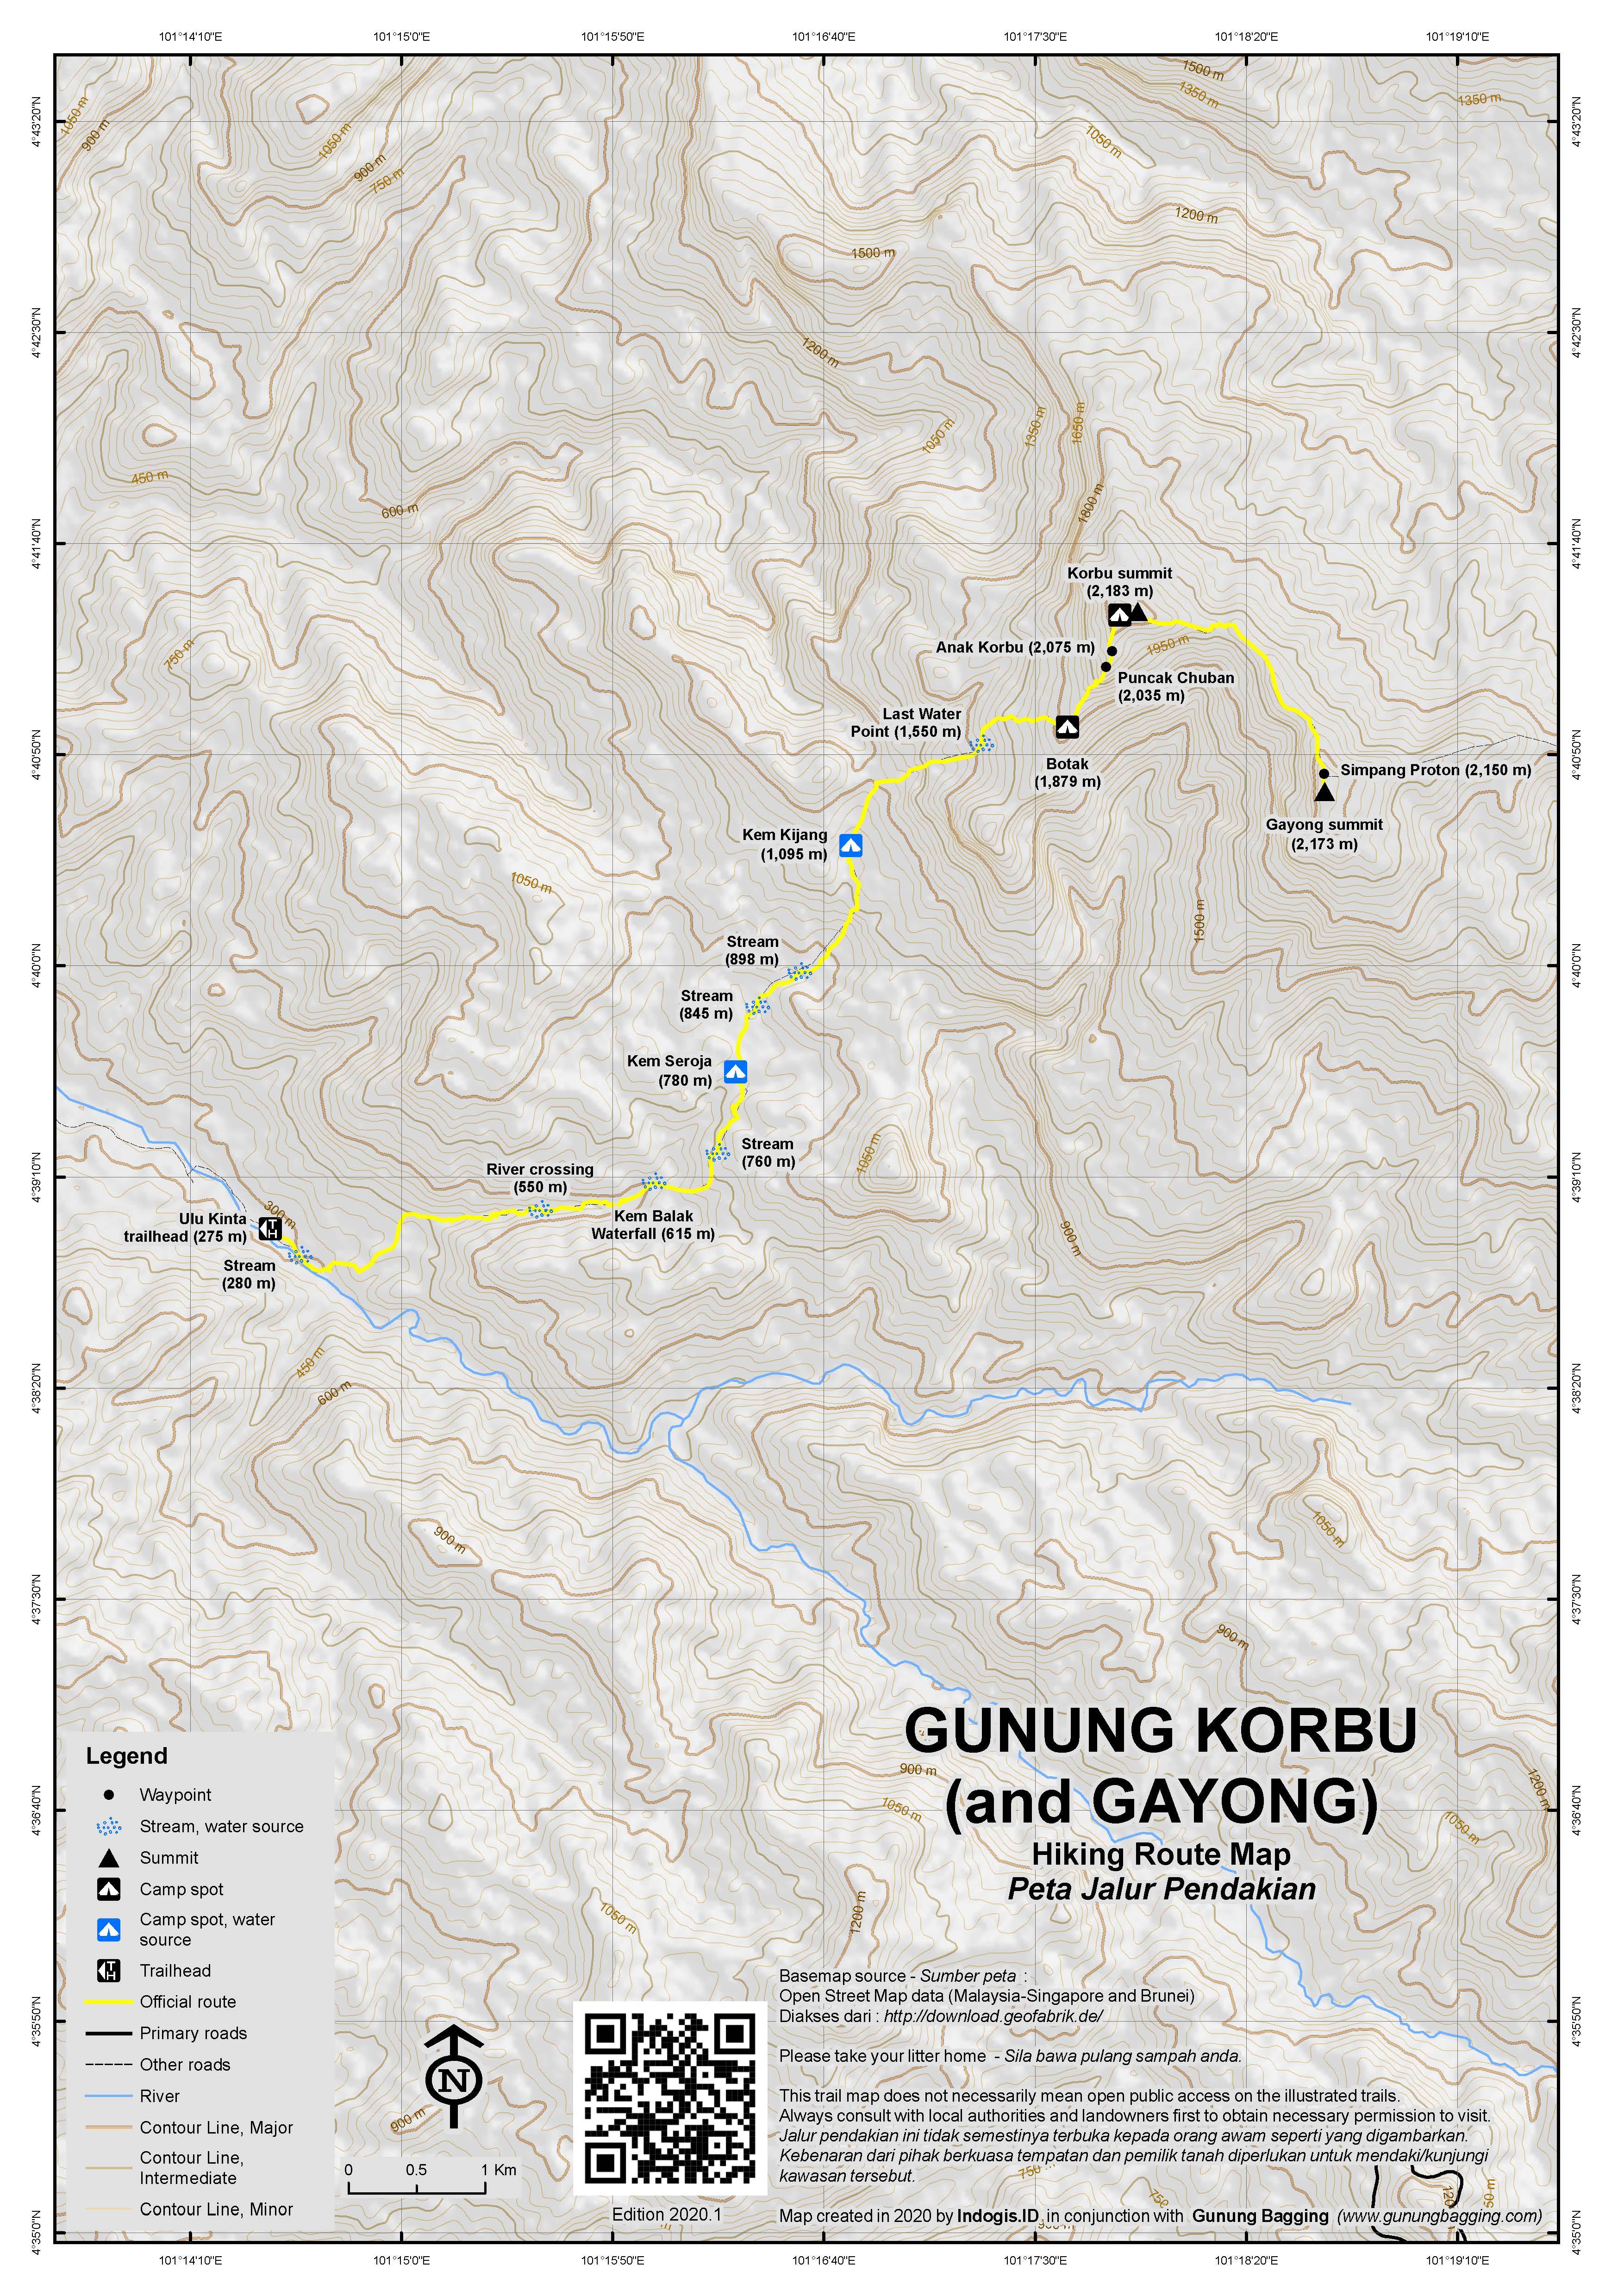 Peta Jalur Pendakian Gunung Korbu